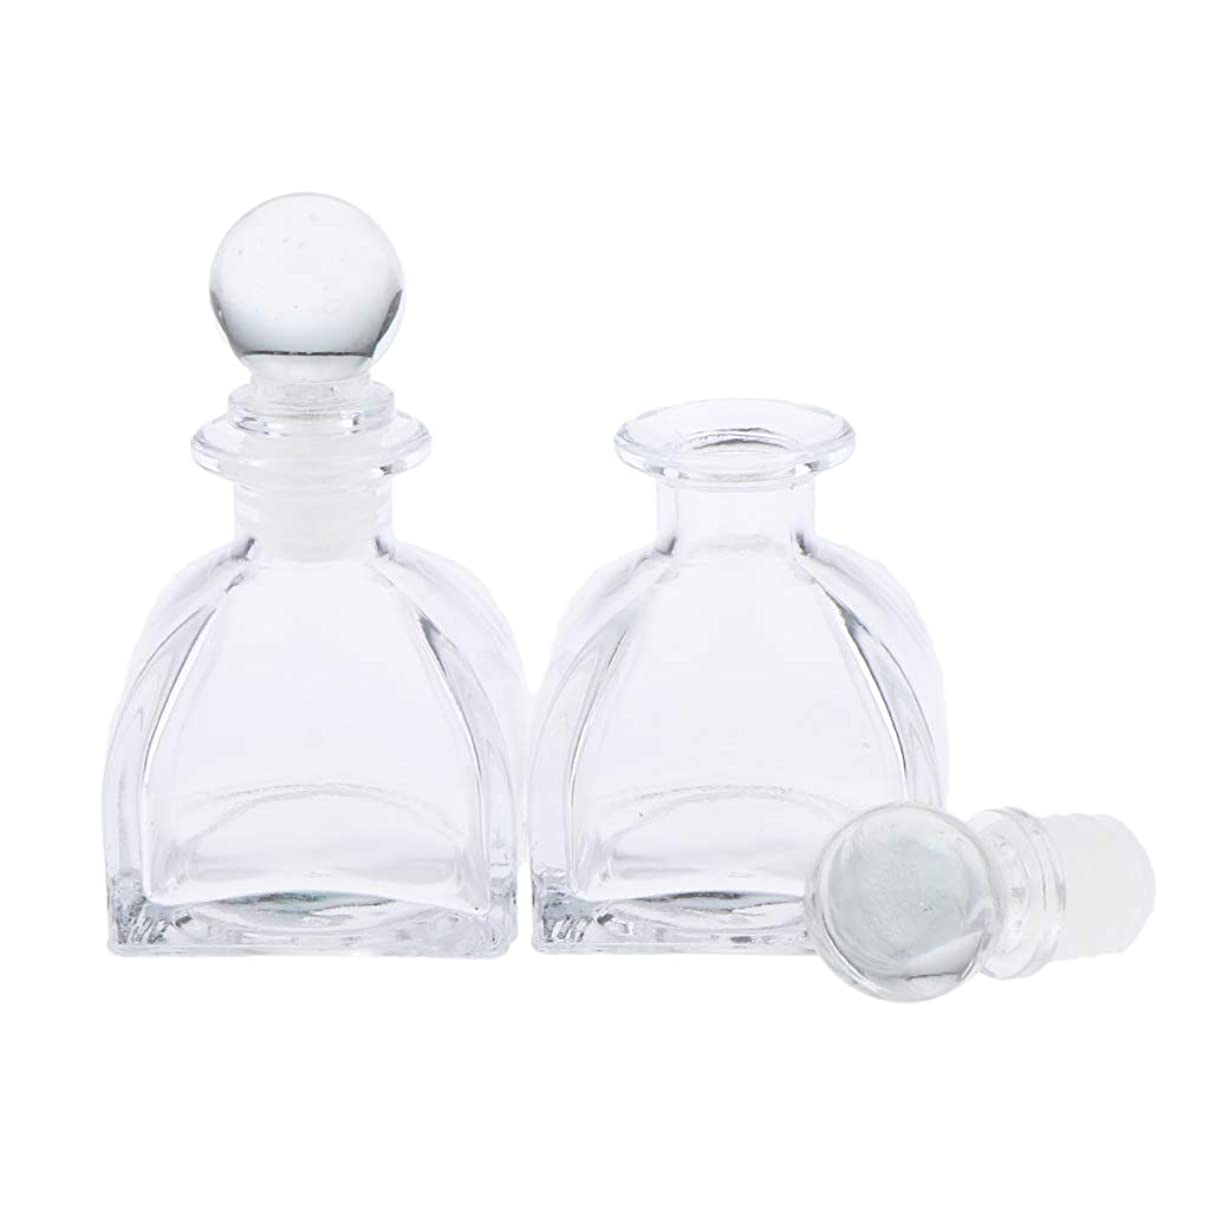 申請者ますます実り多いPerfeclan 2個 全3サイズ 香水ディフューザーボトル ガラスボトル 透明 ローション 化粧品適用 DIY 交換 - 50ミリリットル